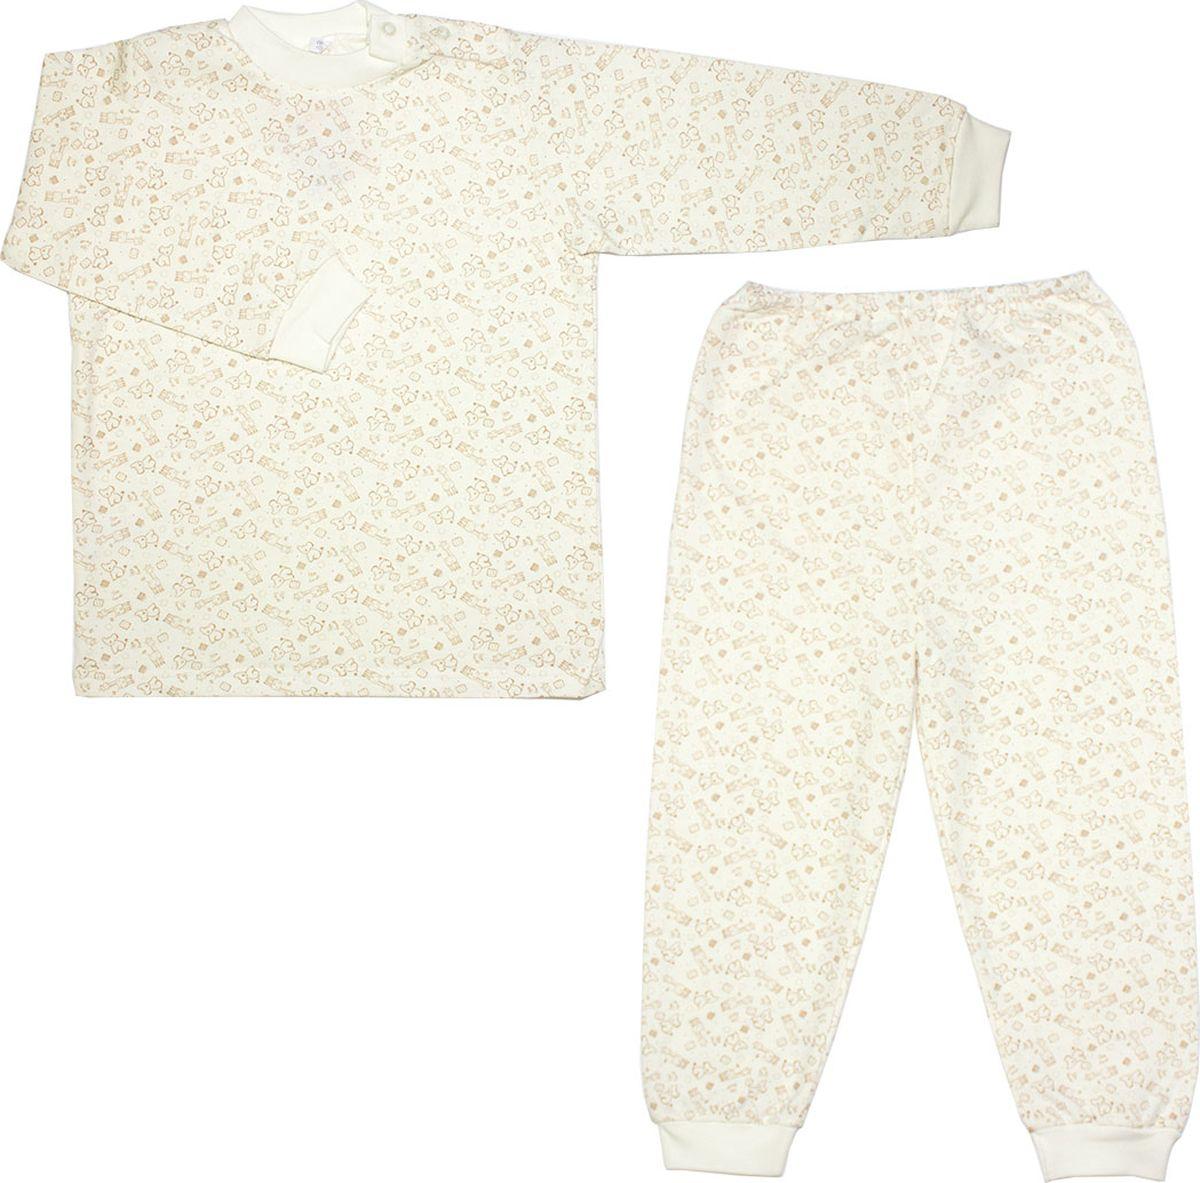 Пижама детская Осьминожка, цвет: молочный, бежевый. 416-20. Размер 86416-20Пижама из мягкого теплого футера.100% хлопок. Разные расцветки. Малышу уютно спасть в такой пижамке.